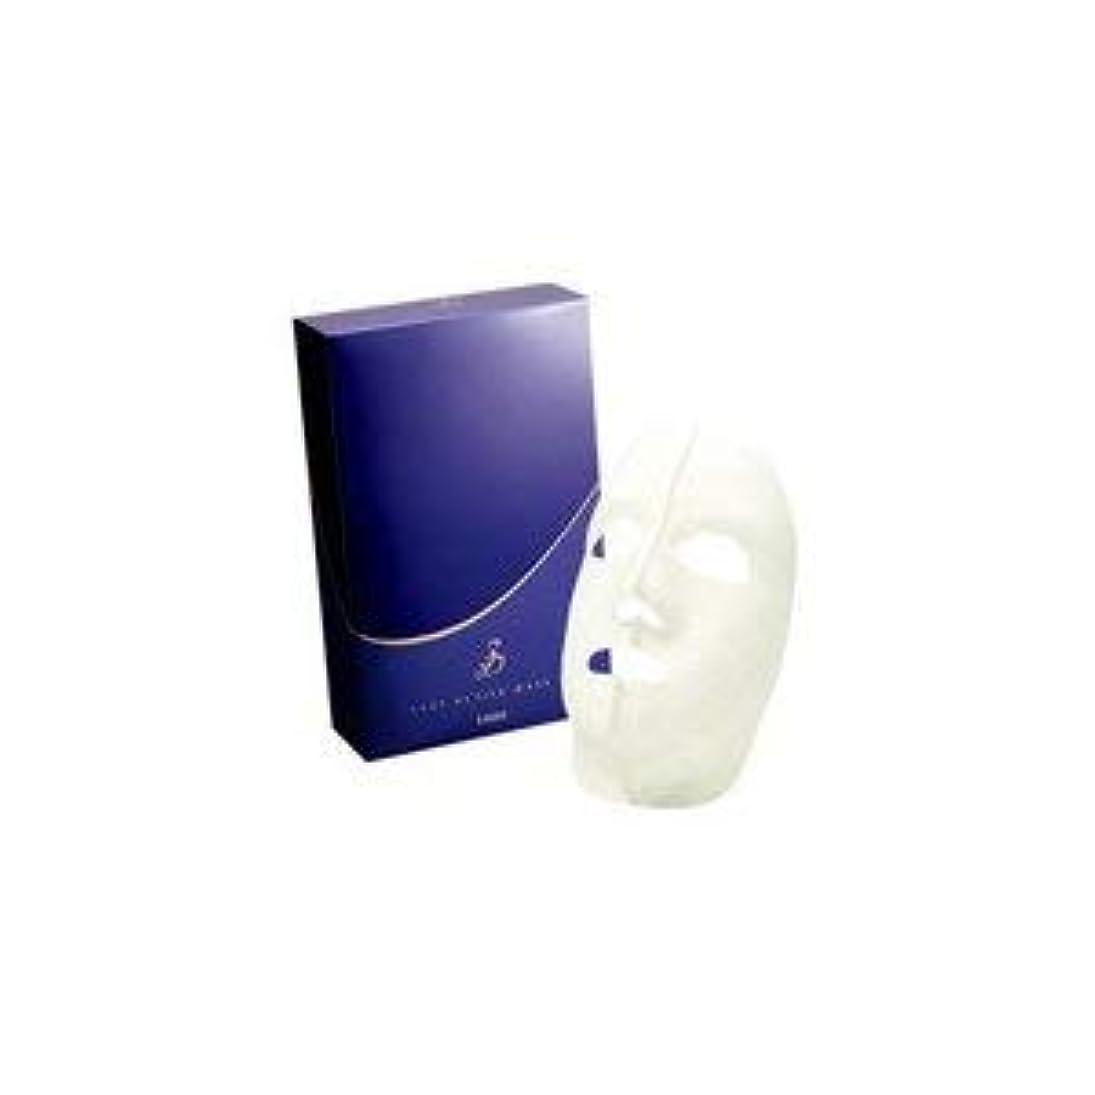 インタネットを見る馬力ピークダイアナ ディアナージュ 3D ファストアクティブマスク Ⅱ 30ml×6枚入り Diana